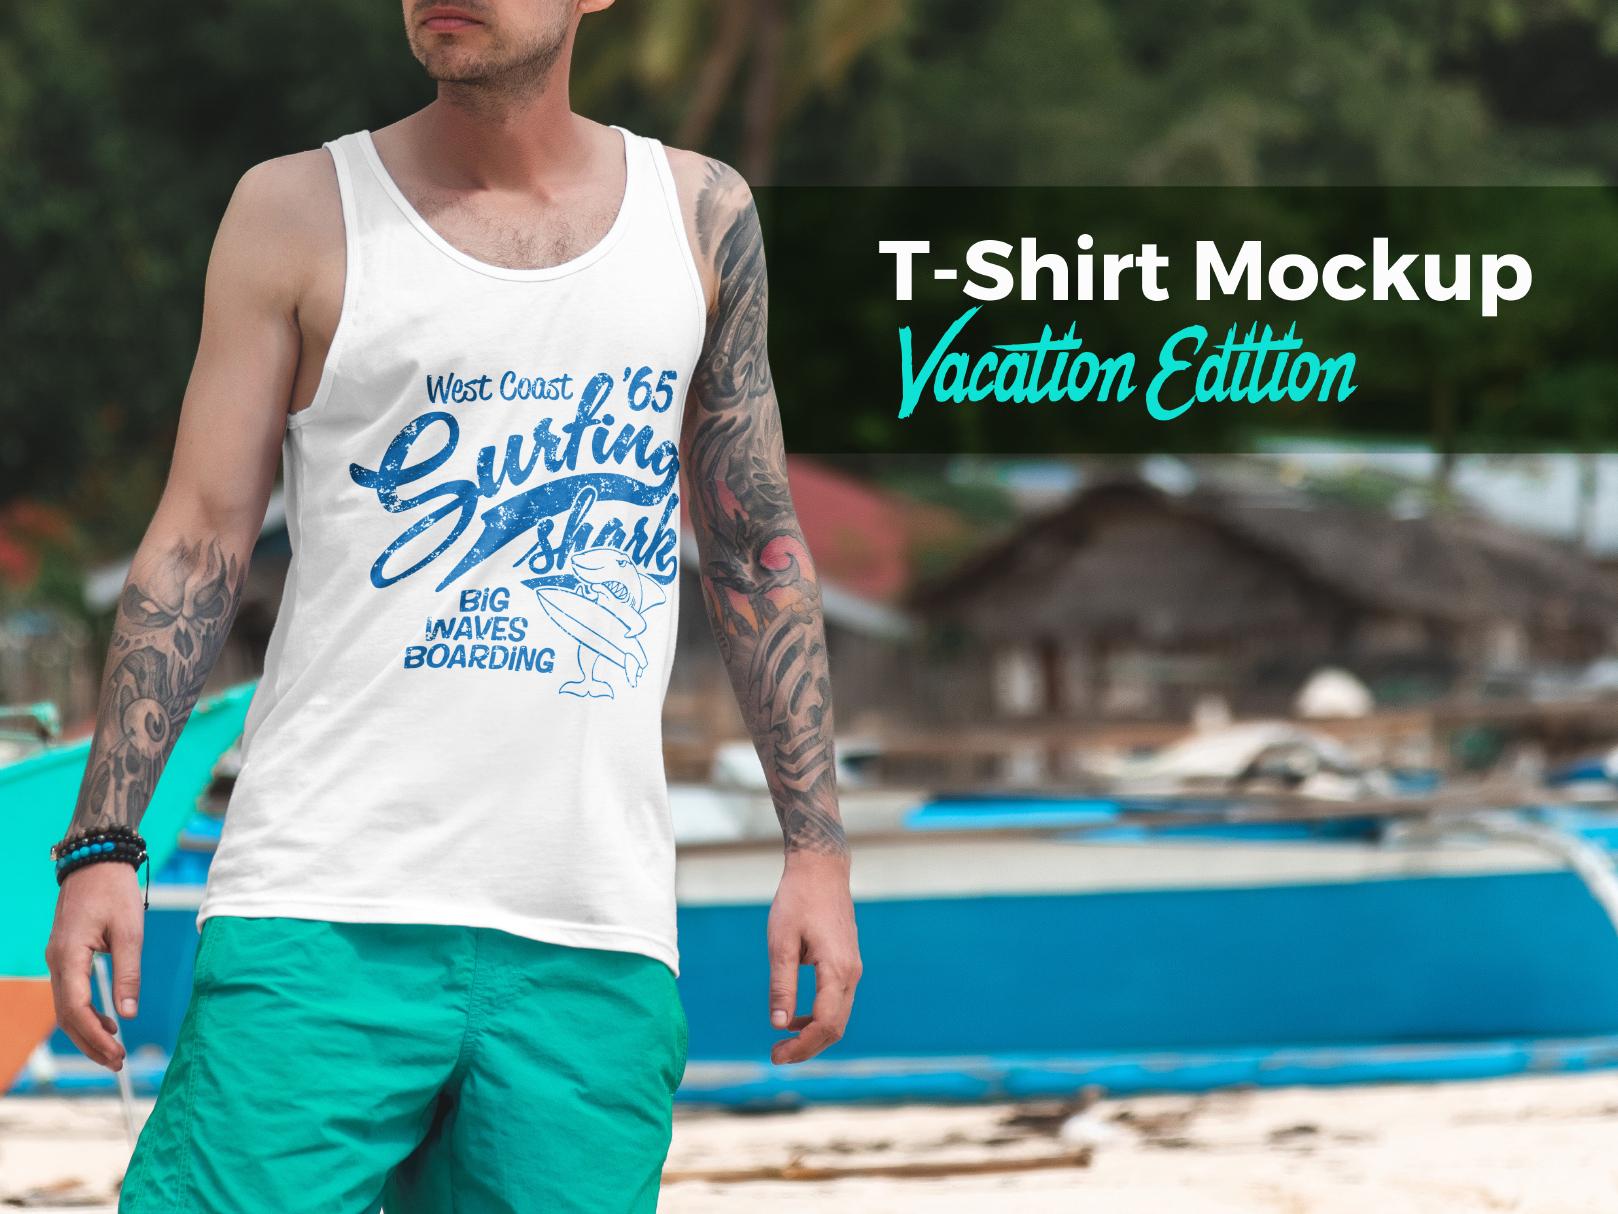 00 t shirt mockup vacation edition